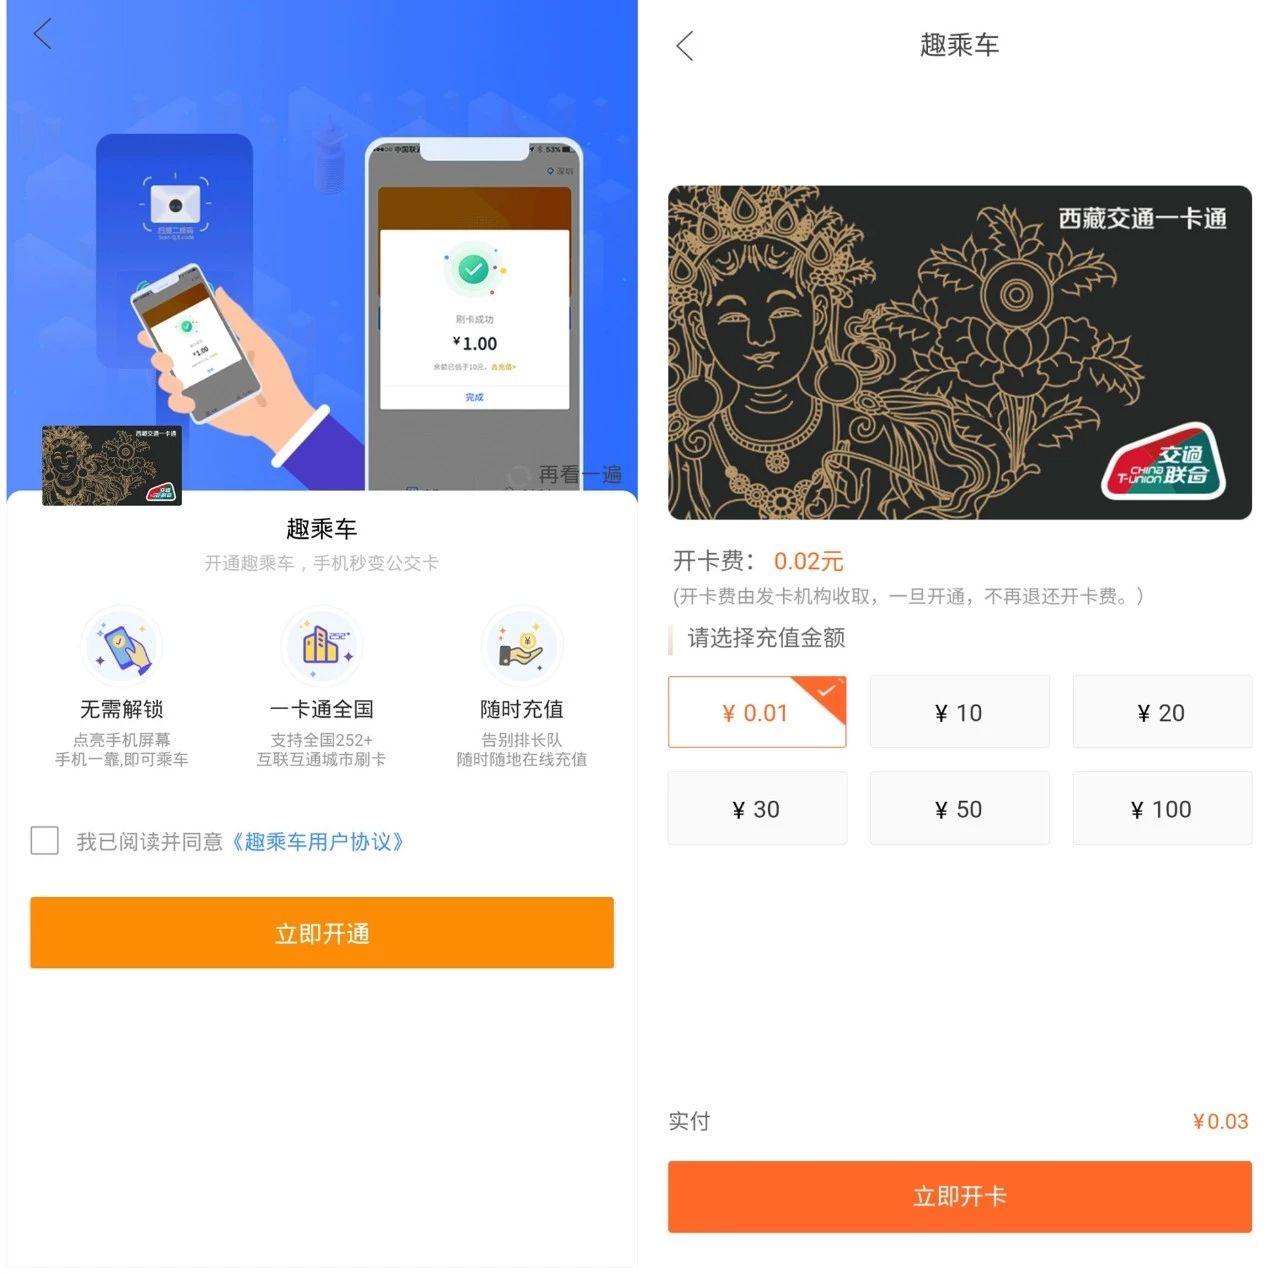 """西藏交通一卡通充值App""""度母""""更新HCE虚拟卡功能"""